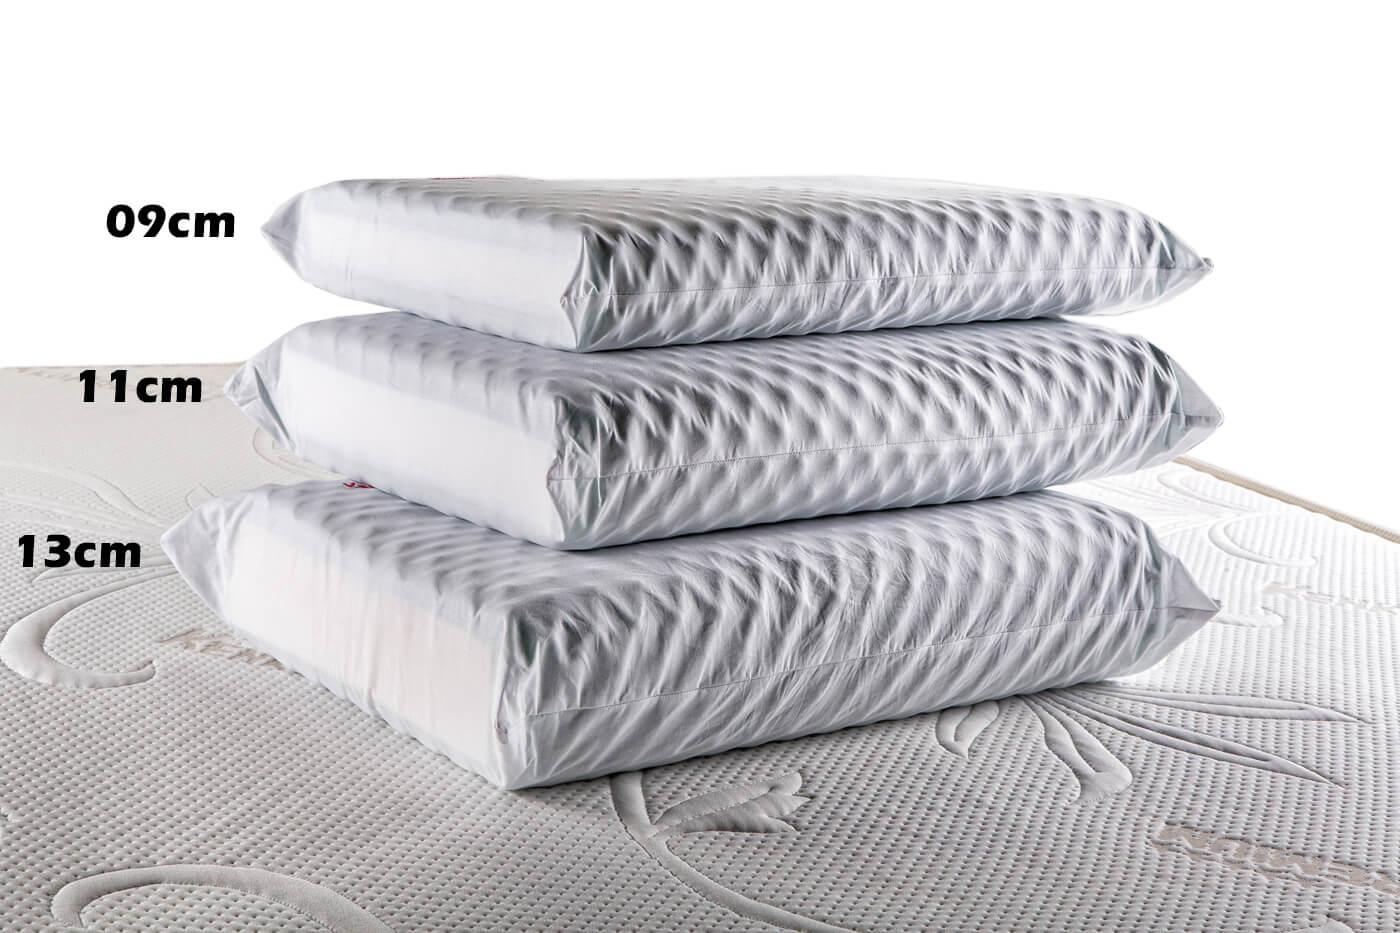 Travesseiro Magnético Kenko Premium, Modelo Luxo Exportação  Opções de Altura  - Kenko Premium Colchões